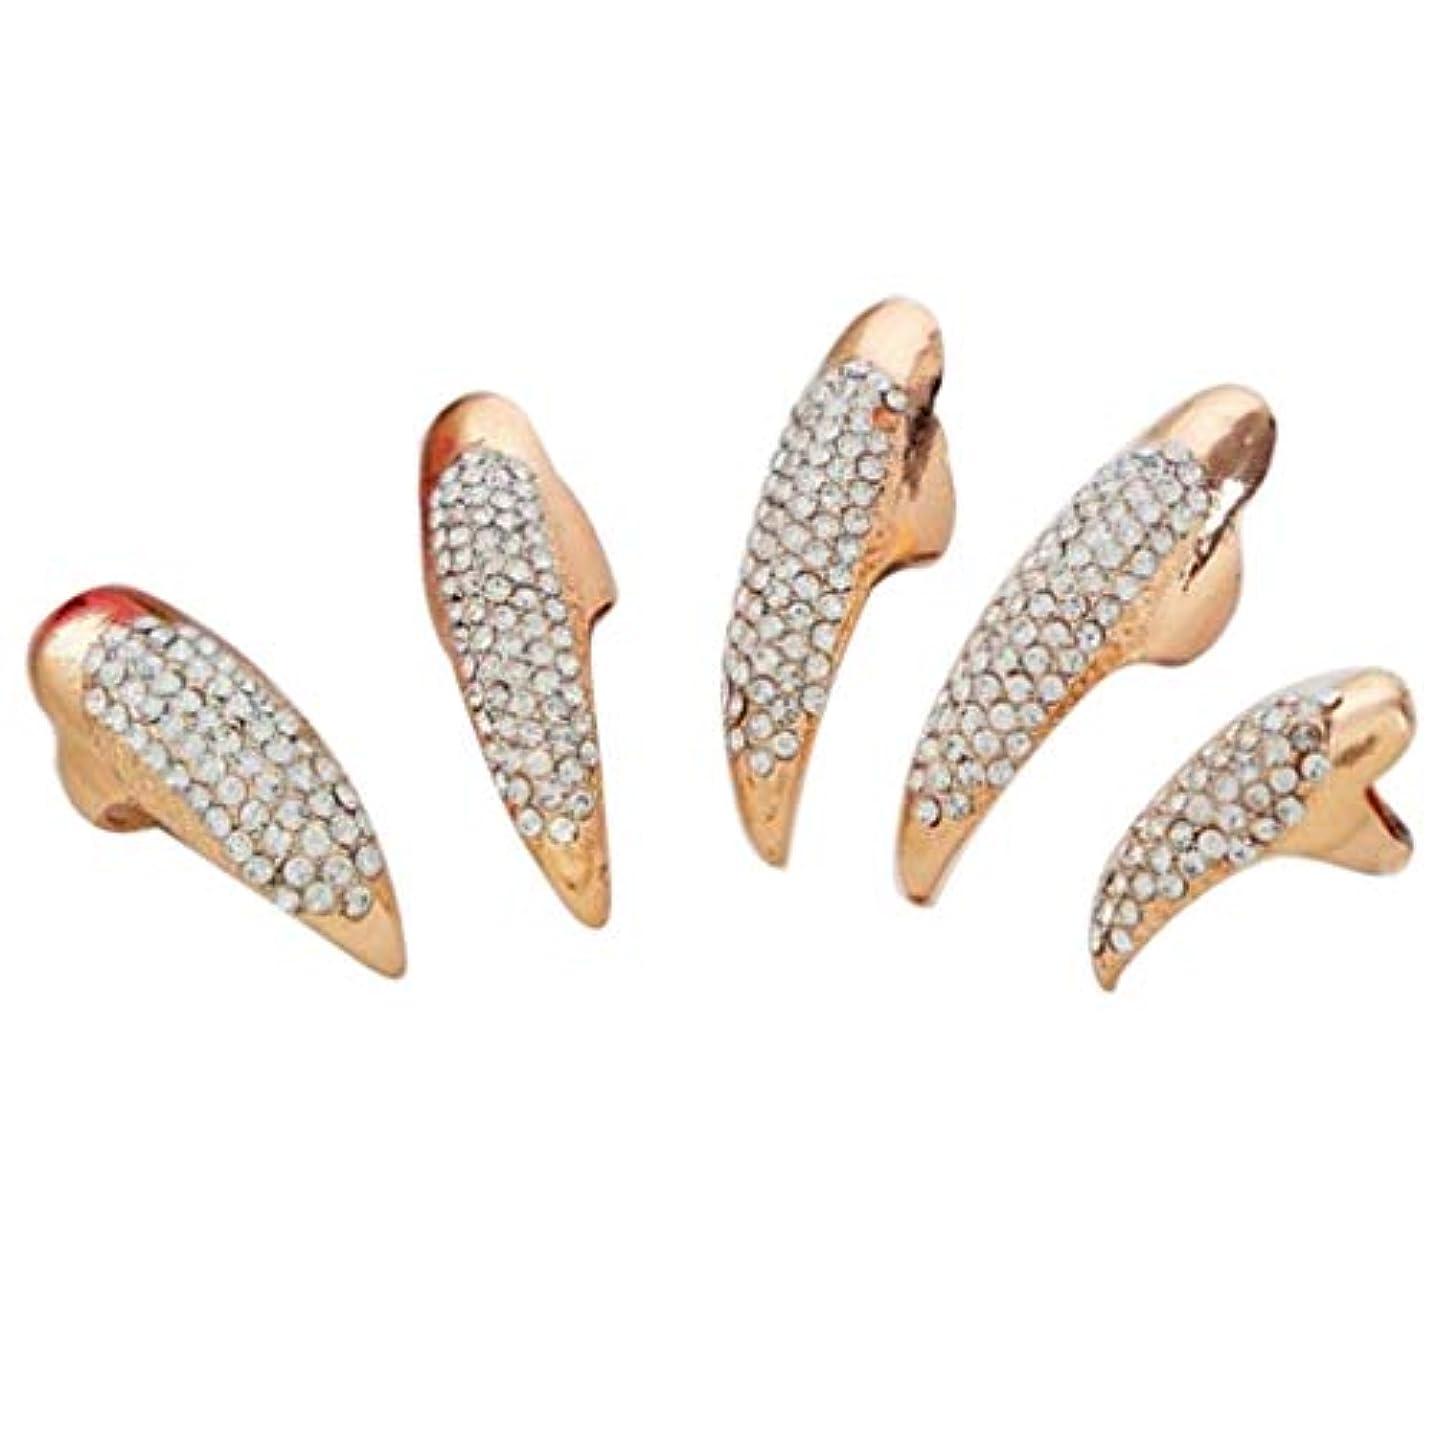 テープ認識アンカーネイルアート ネイルリング 爪リング ネイルチップ 指先 爪の指輪 キラキラ 2色選べ - ゴールデン